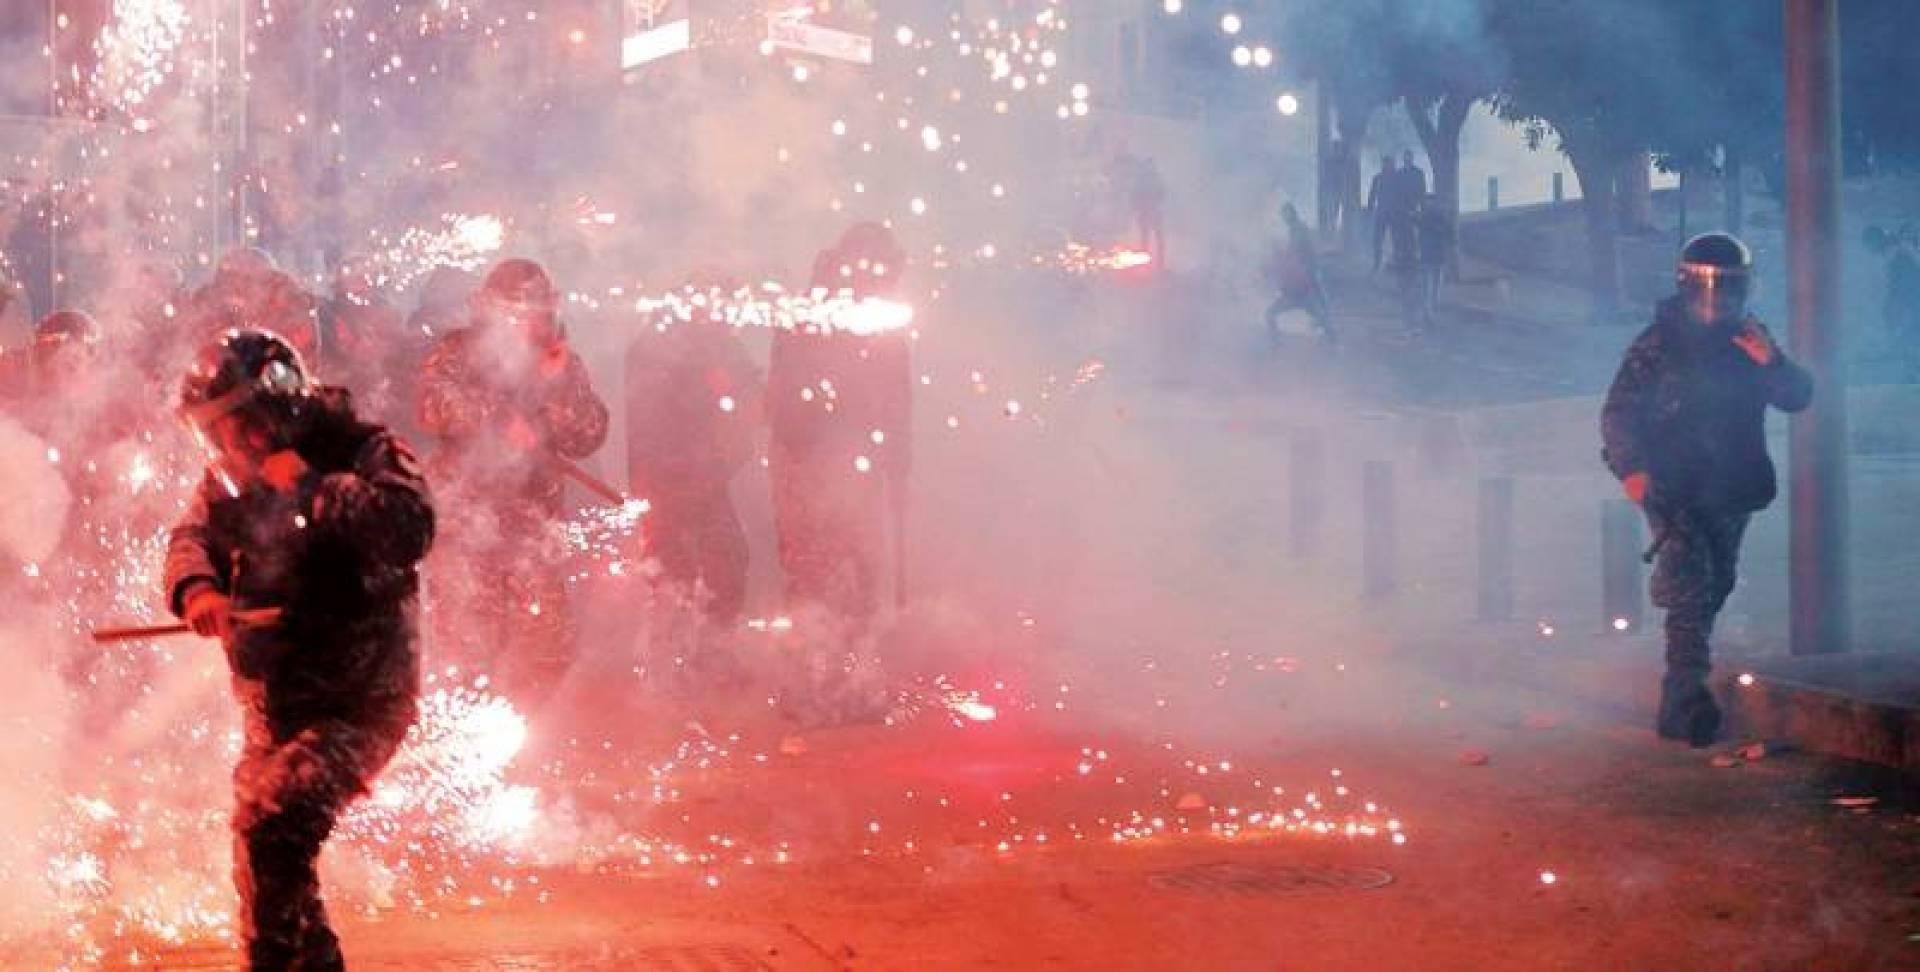 عناصر من قوى الامن يتفادون مفرقعات اطلقها مناصروا امل وحزب الله عليهم على جسر الرينغ وسط بيروت امس | ا ف ب